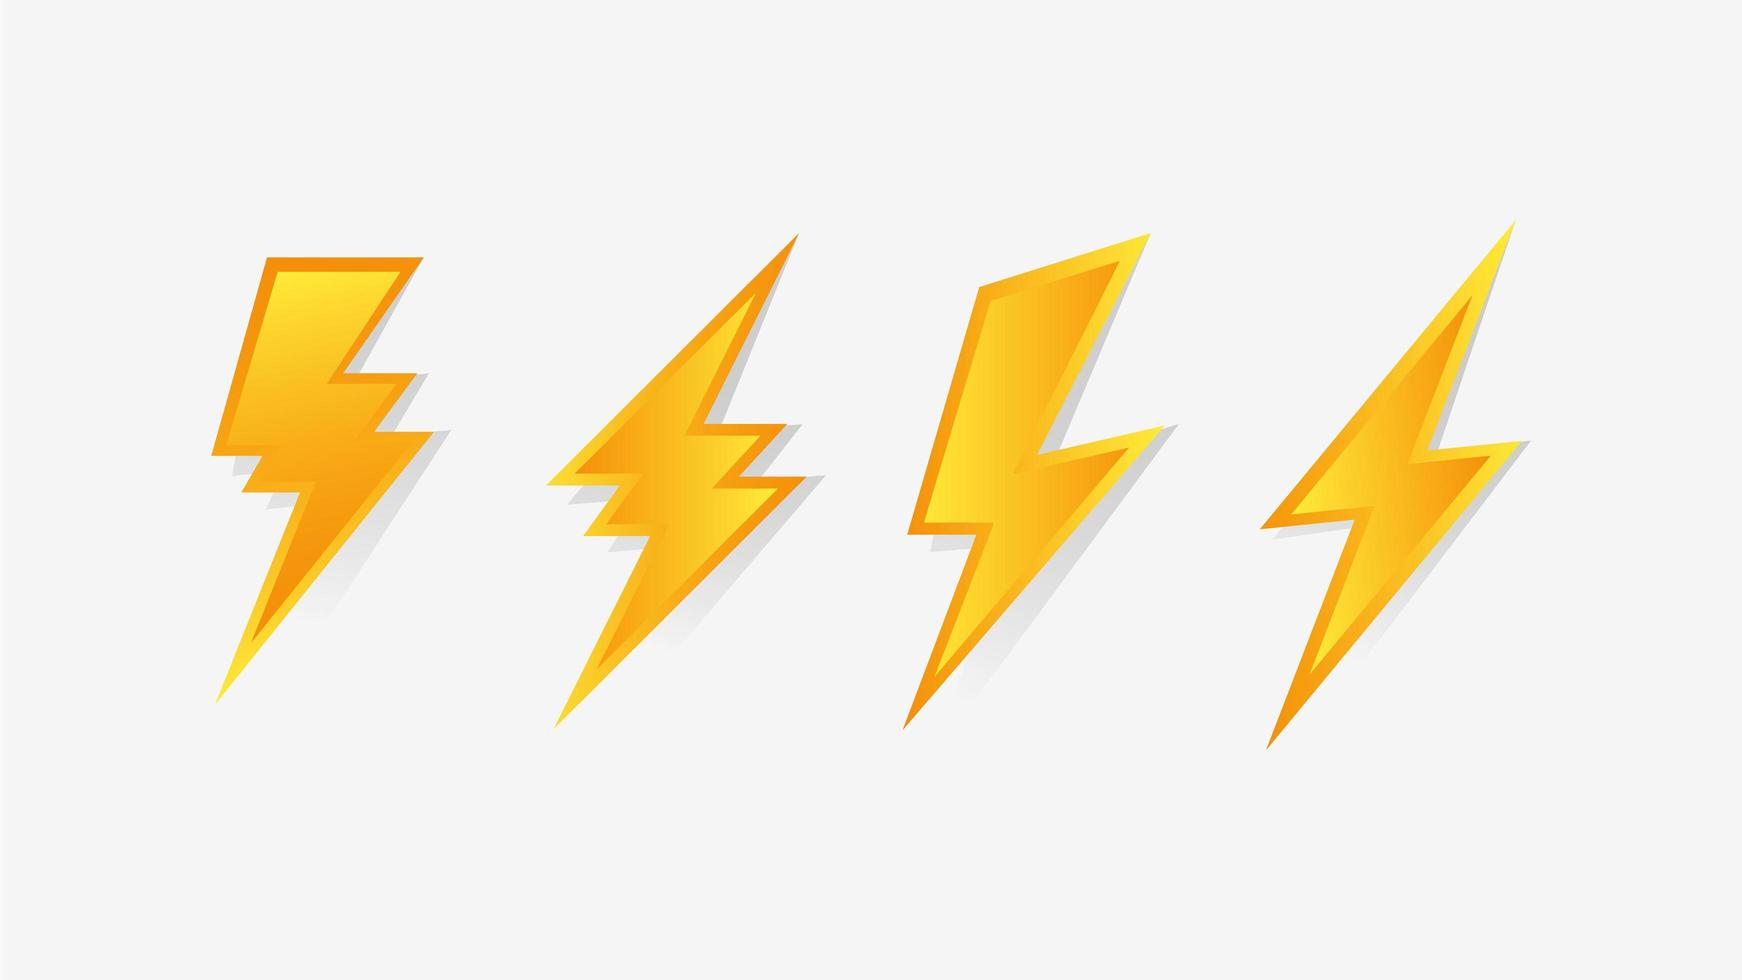 Satz von Blitzsymbolen vektor